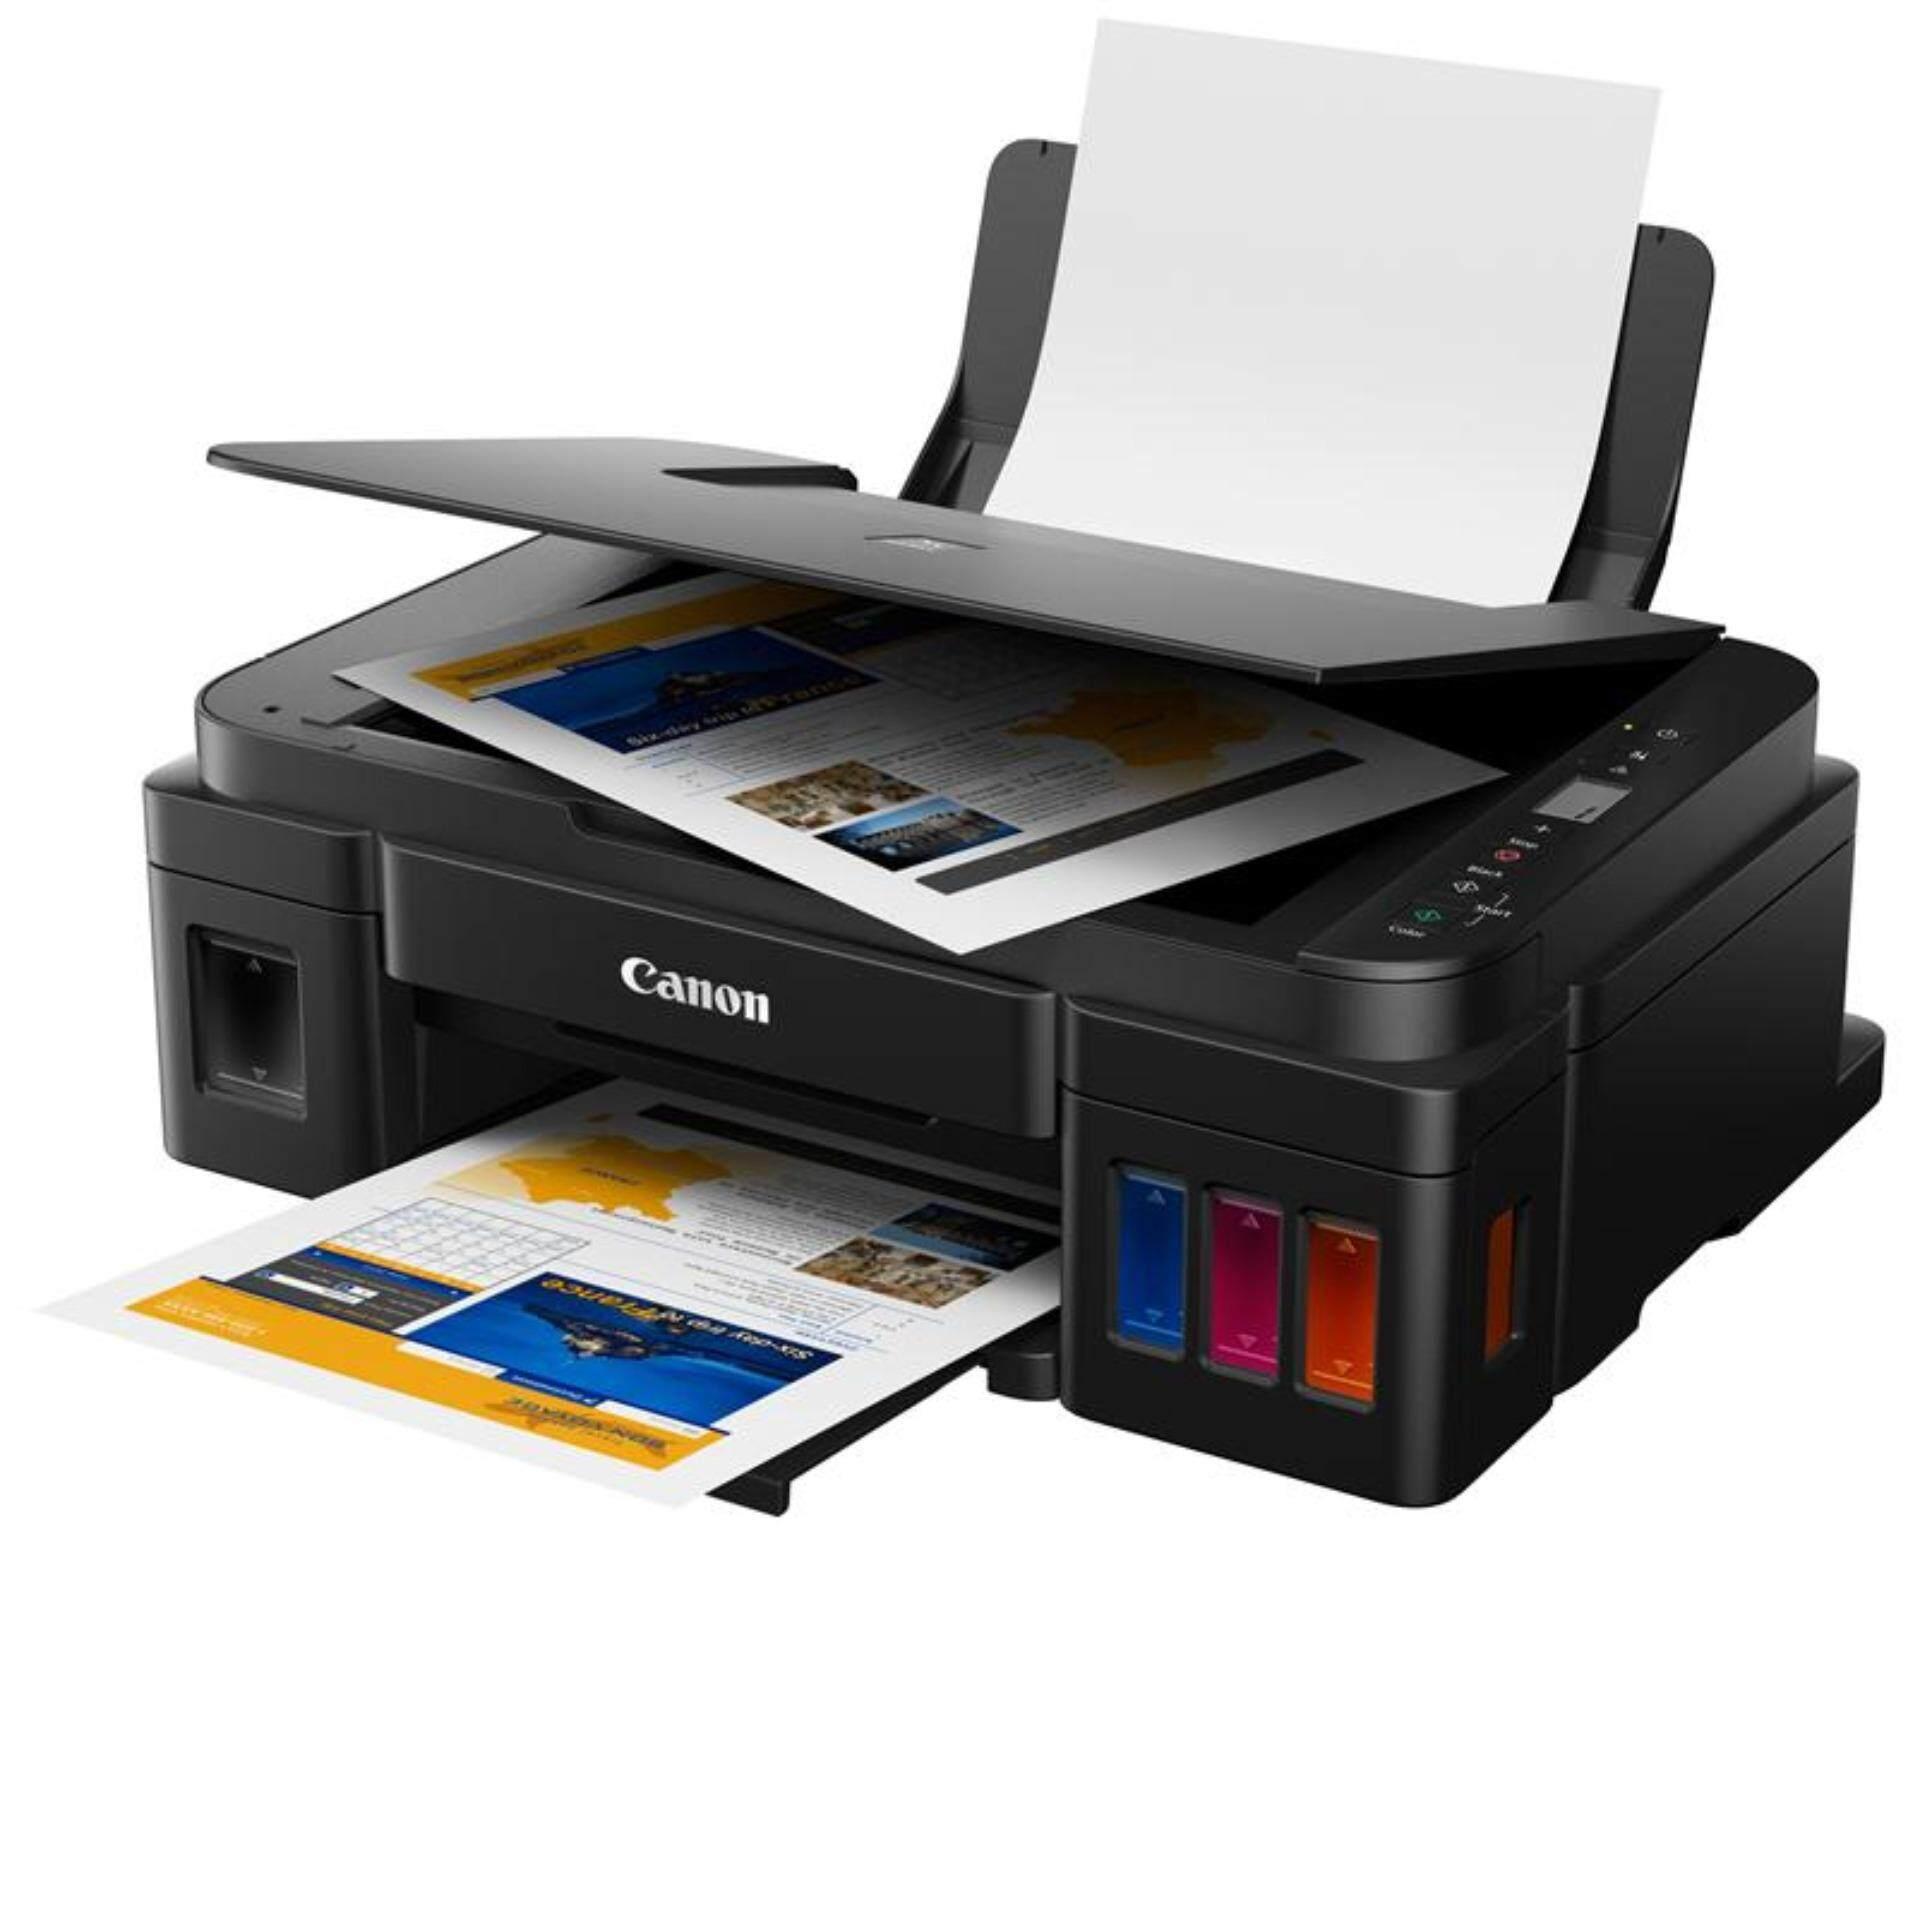 เครื่องปริ้น Canon Pixma G2010 Printer All In One Ink Tank (พร้อมหมึกแท้จากcanon สีละ1ขวด) By Lazada Retail General Merchandise.